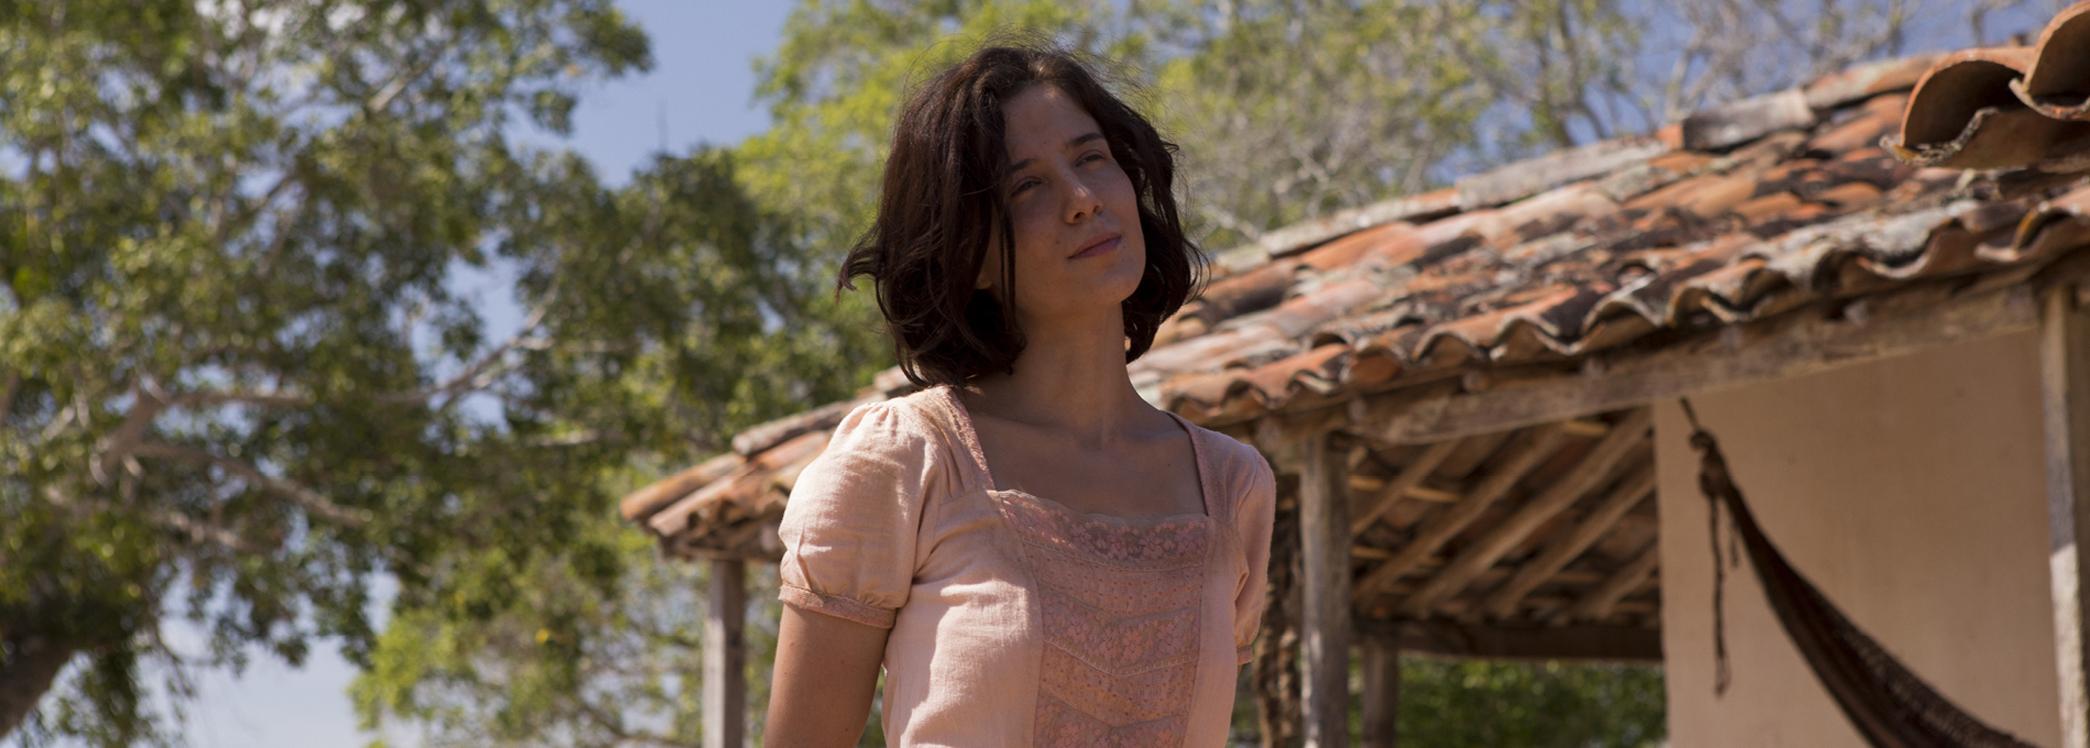 Produtora de elenco Cibele Santa Cruz na AIC Rio de Janeiro na próxima quarta